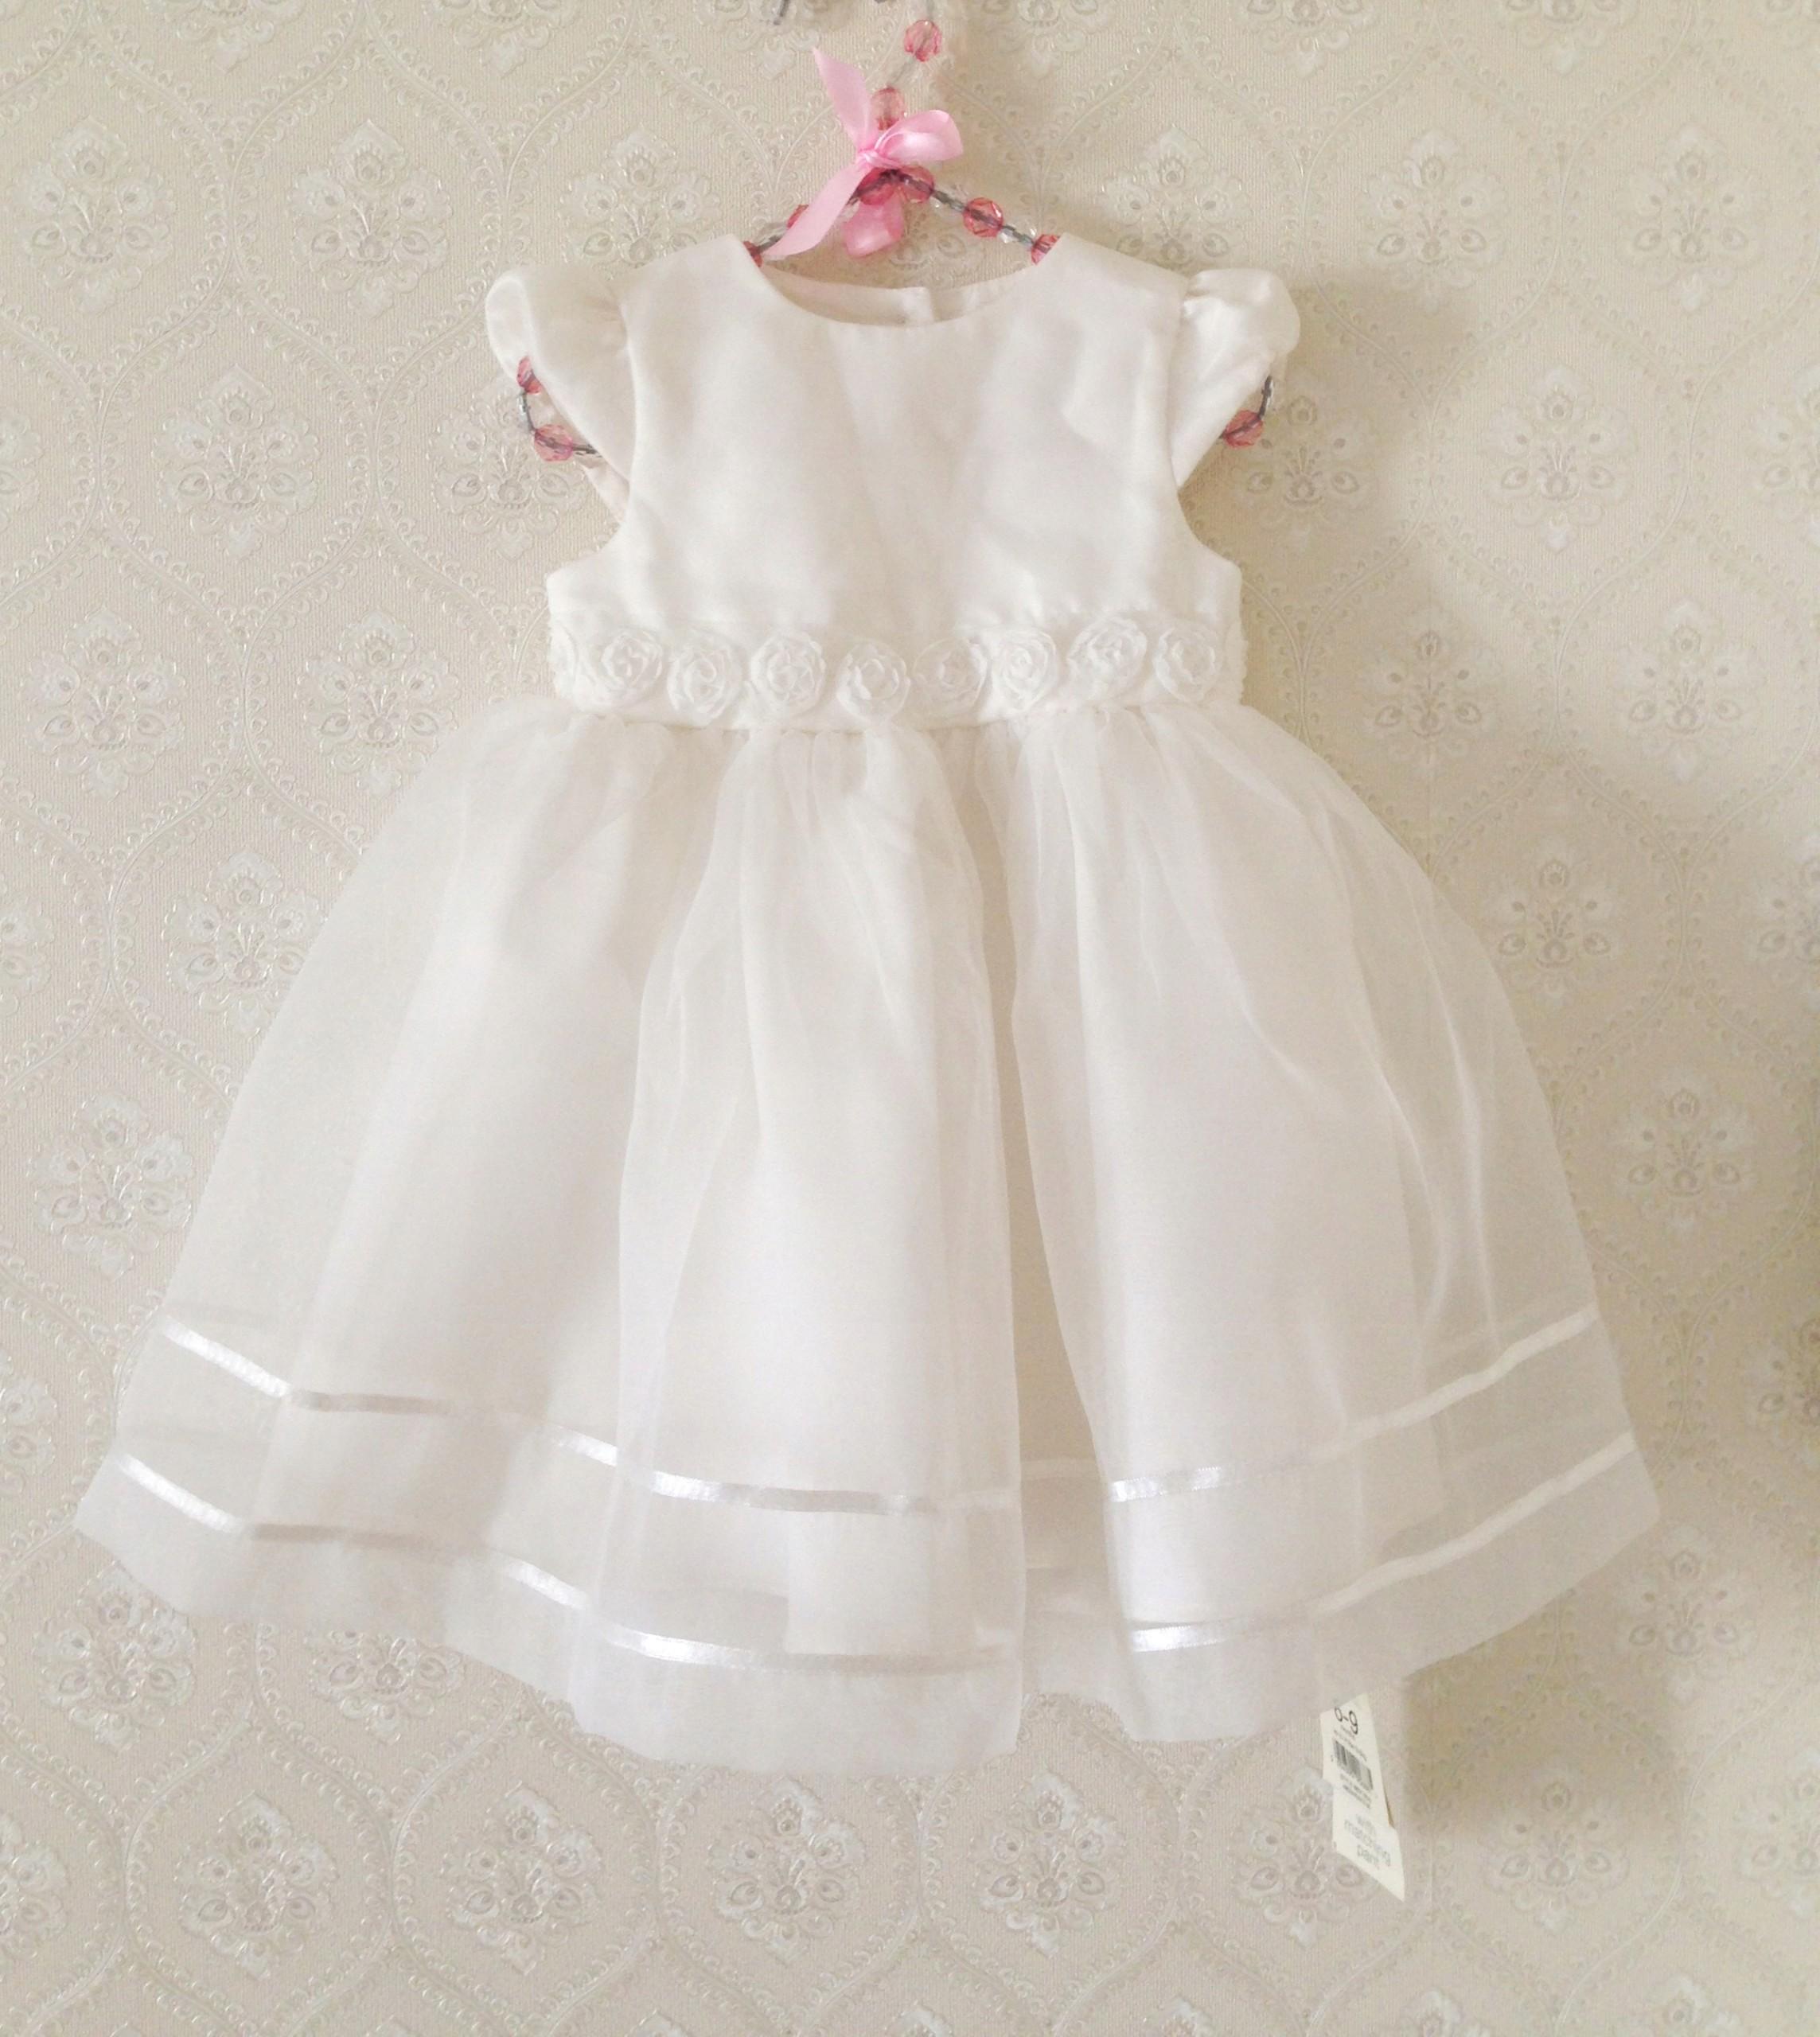 ba1042004a sukienka wizytowa chrzciny wesele wzrost 68 74 cm - 7426513028 ...